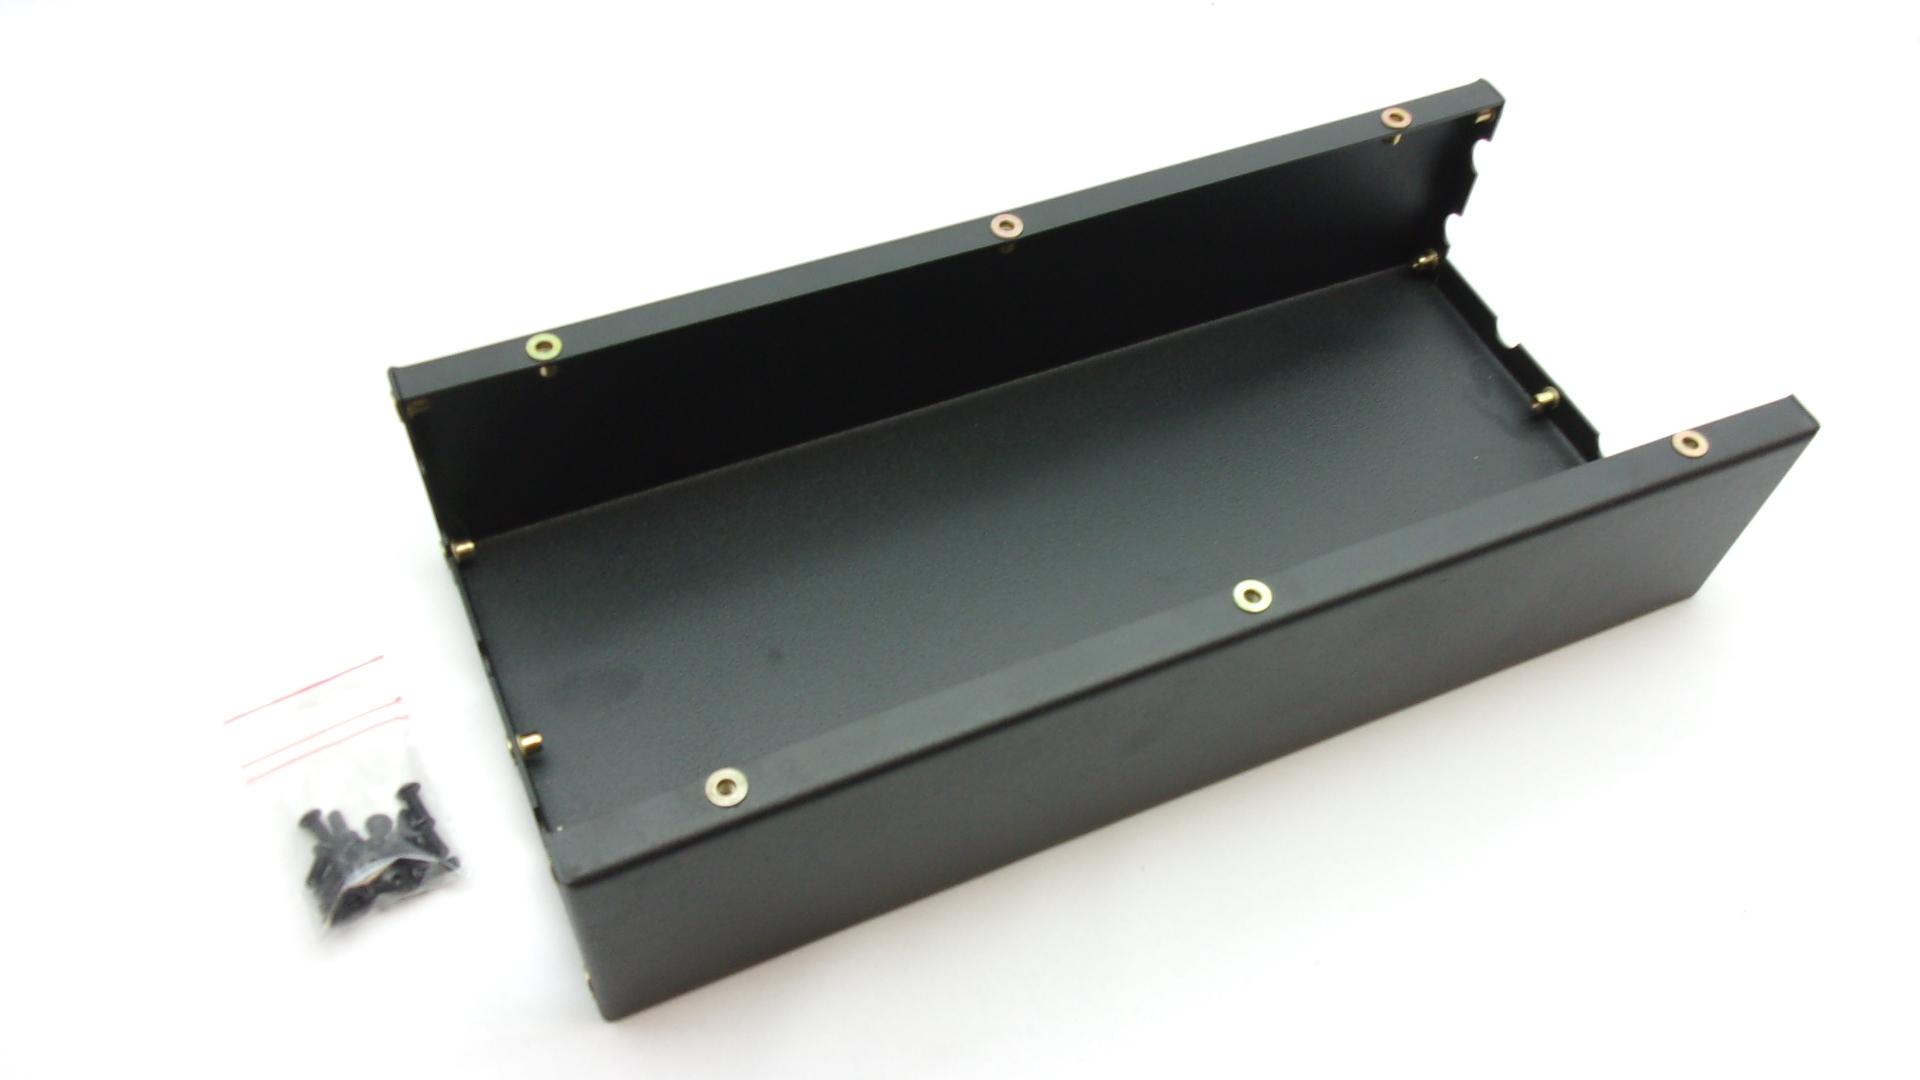 livraison gratuite chassis aluminium en u pour coffret tbox coffrets tbox prozic. Black Bedroom Furniture Sets. Home Design Ideas